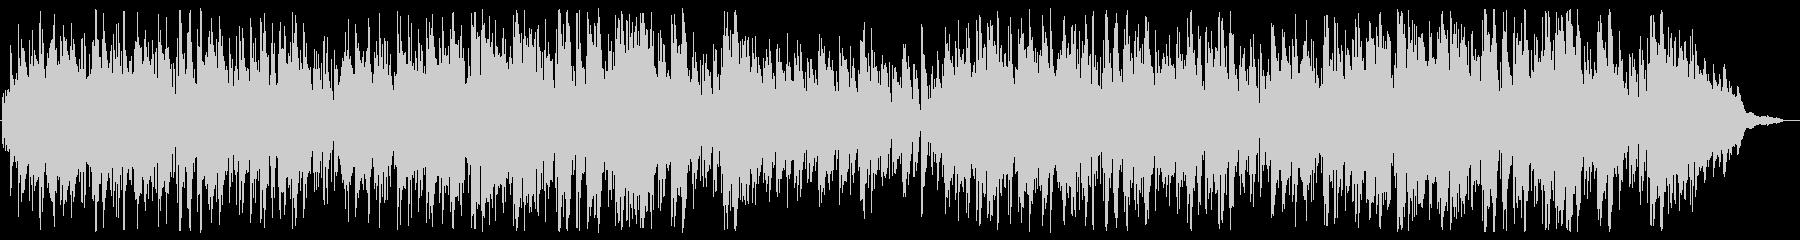 リラックスできるジャズボサノバの未再生の波形